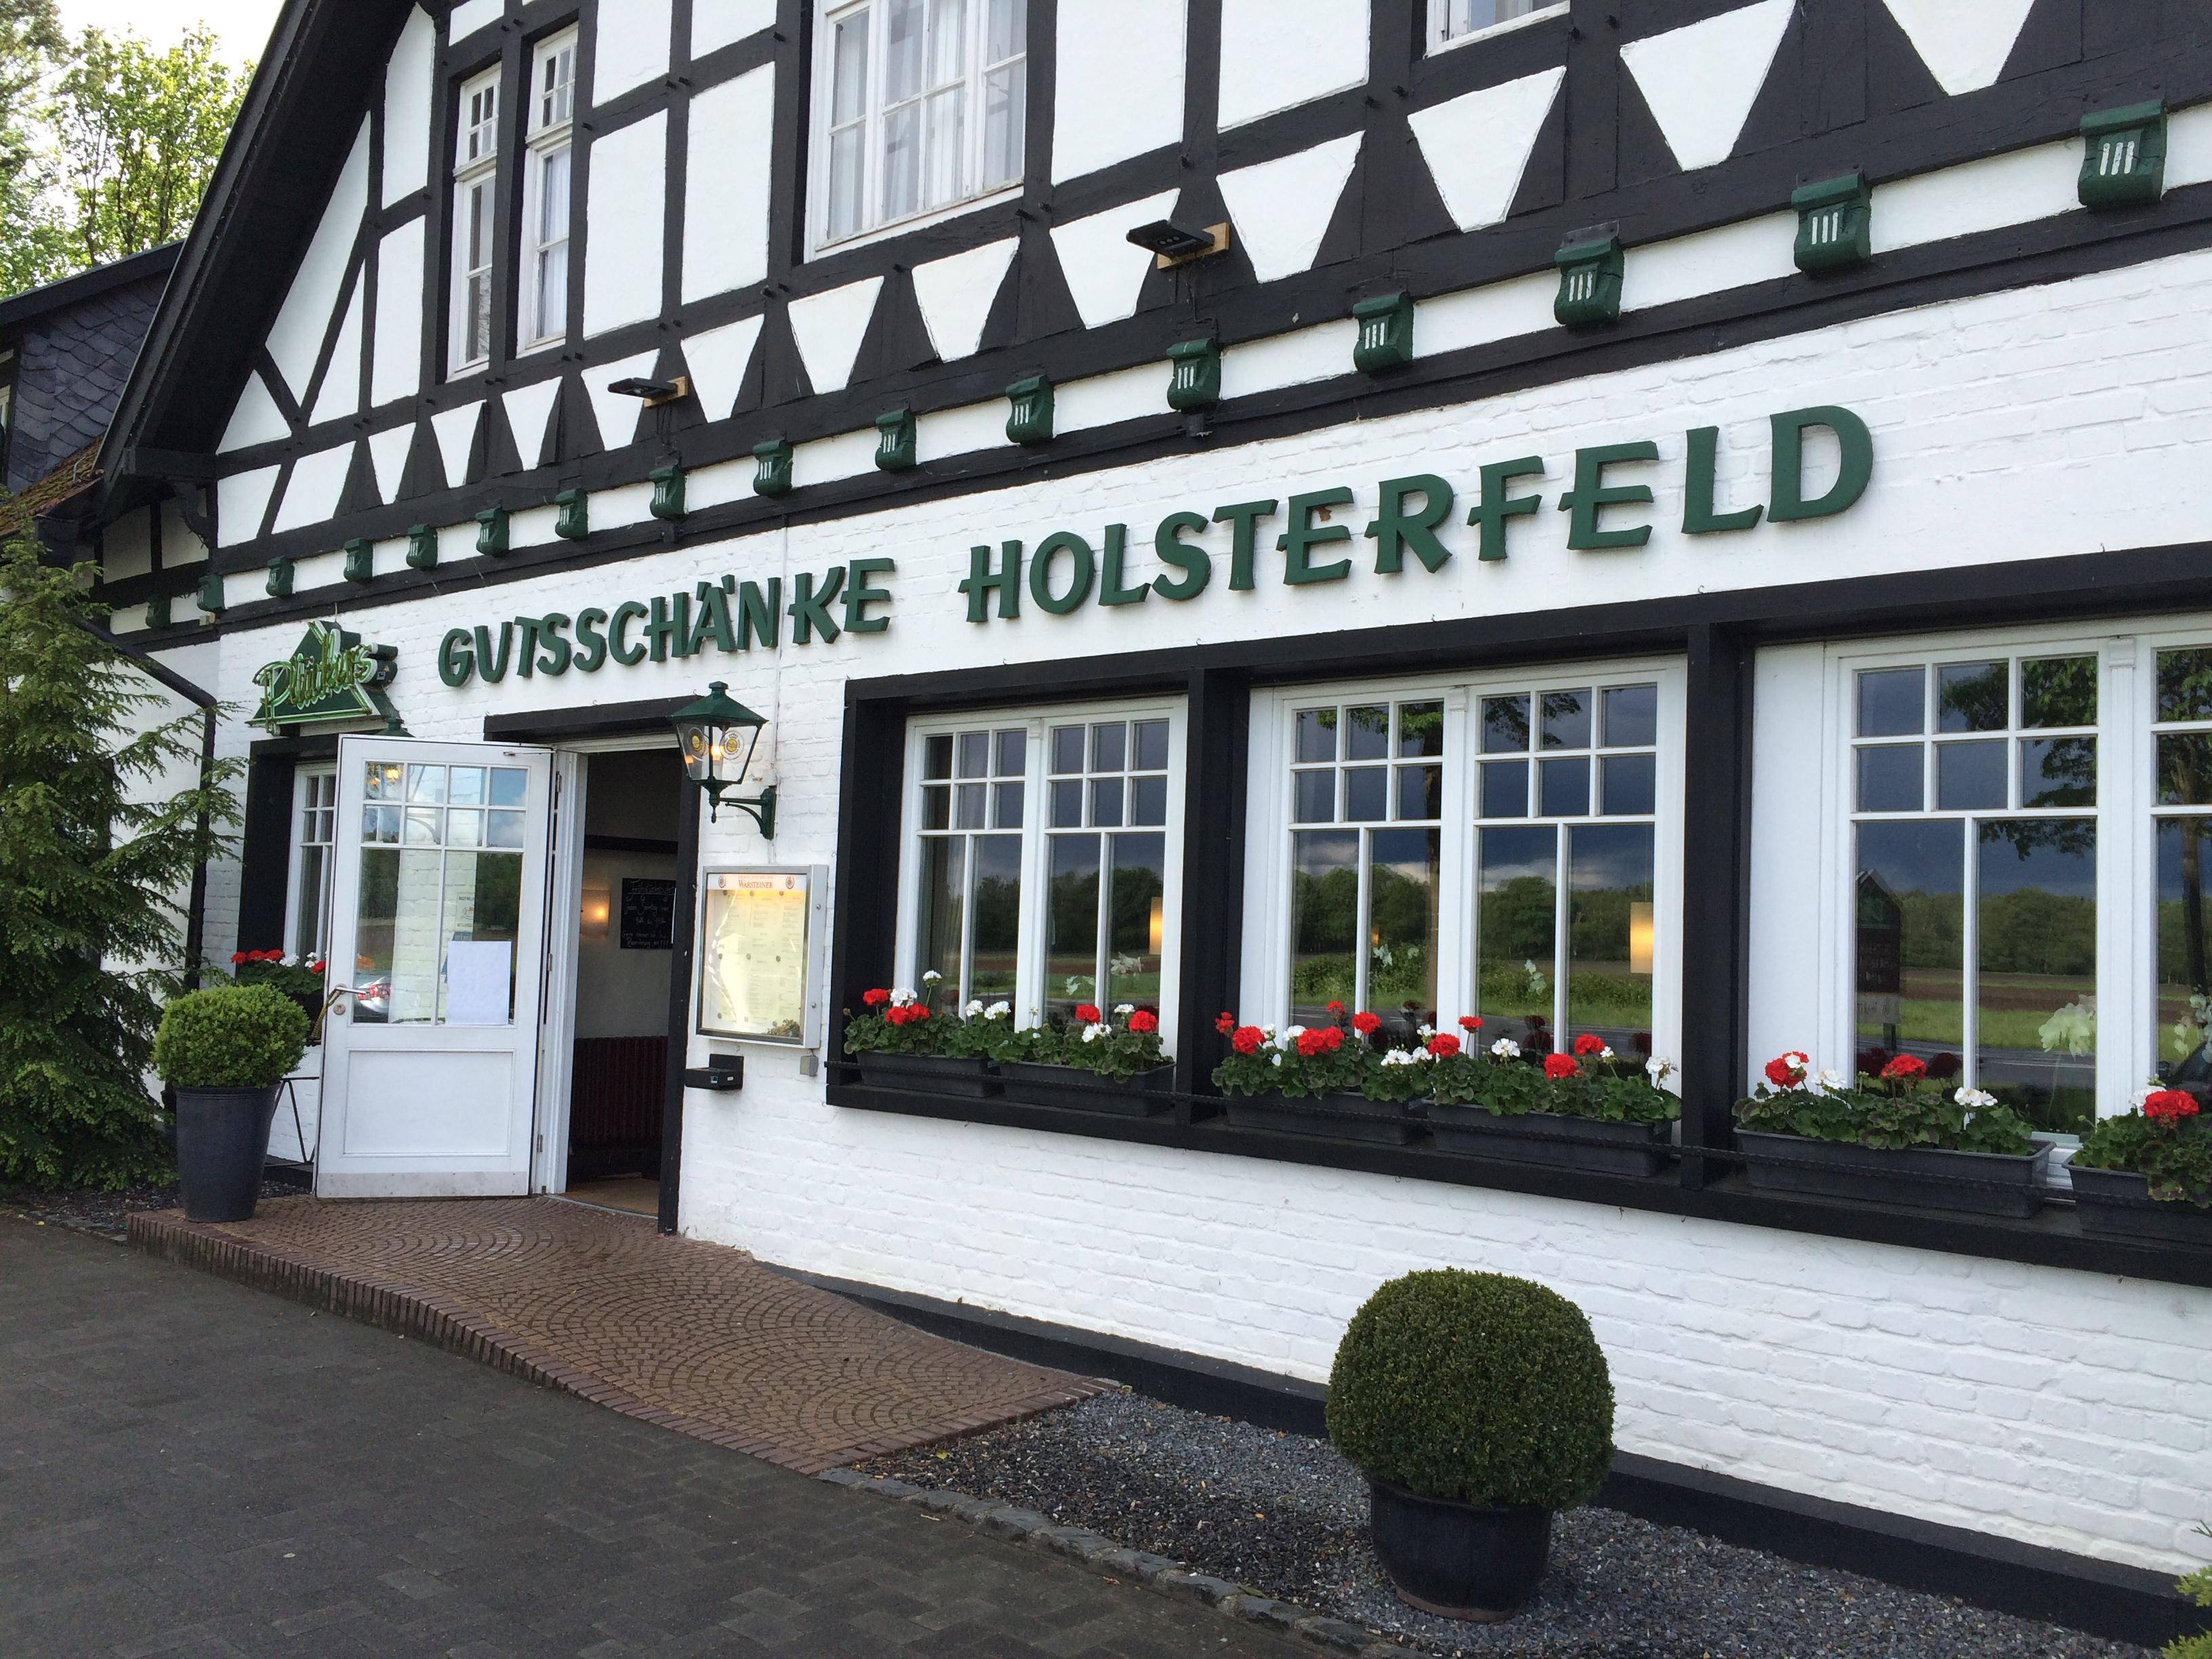 Gutsschänke Holsterfeld Restaurant, Hotel, Biergarten, Ausflugsziel ...